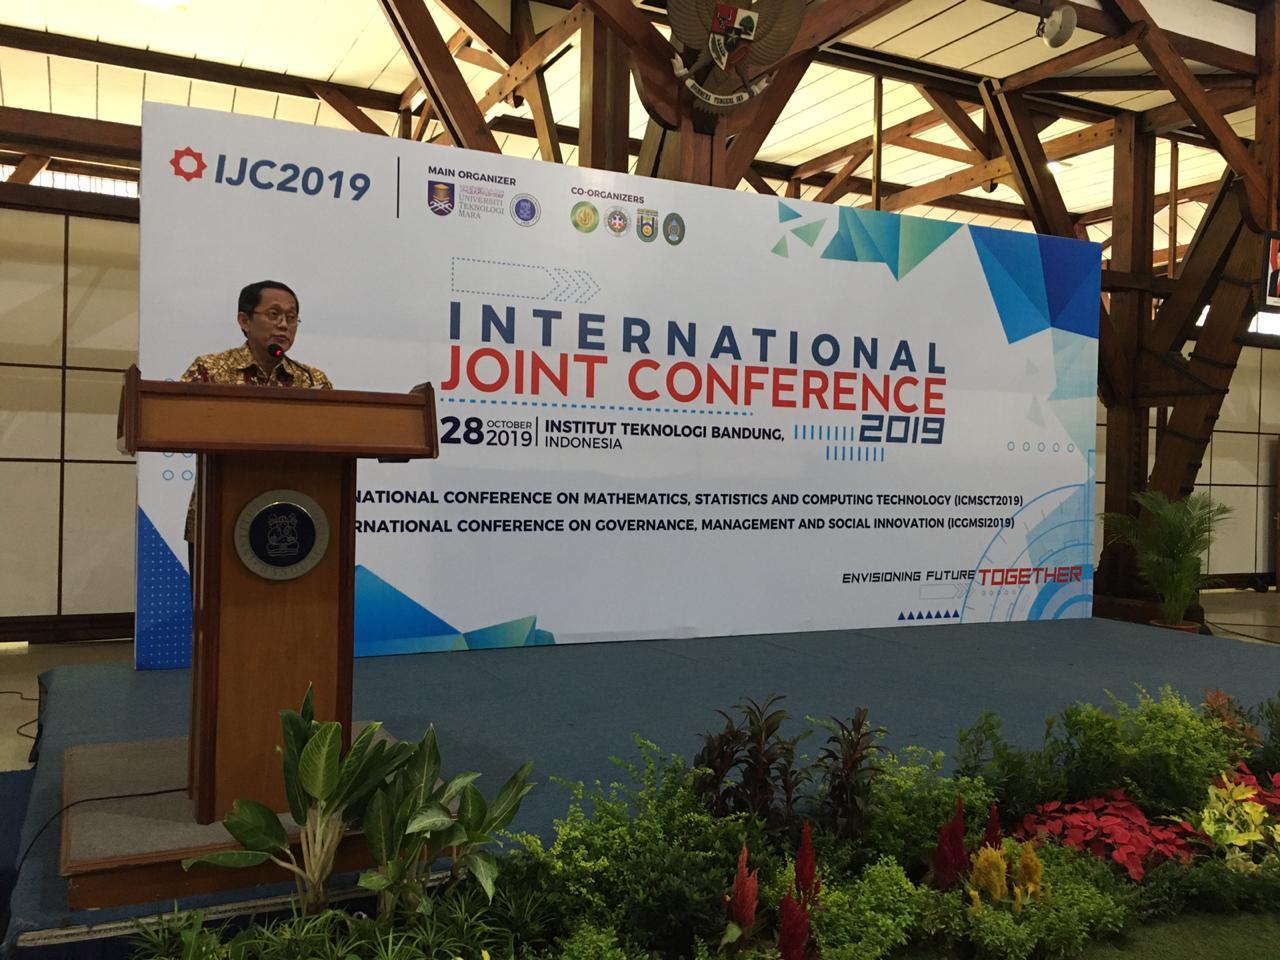 itb-jadi-tuan-rumah-international-joint-conference-2019